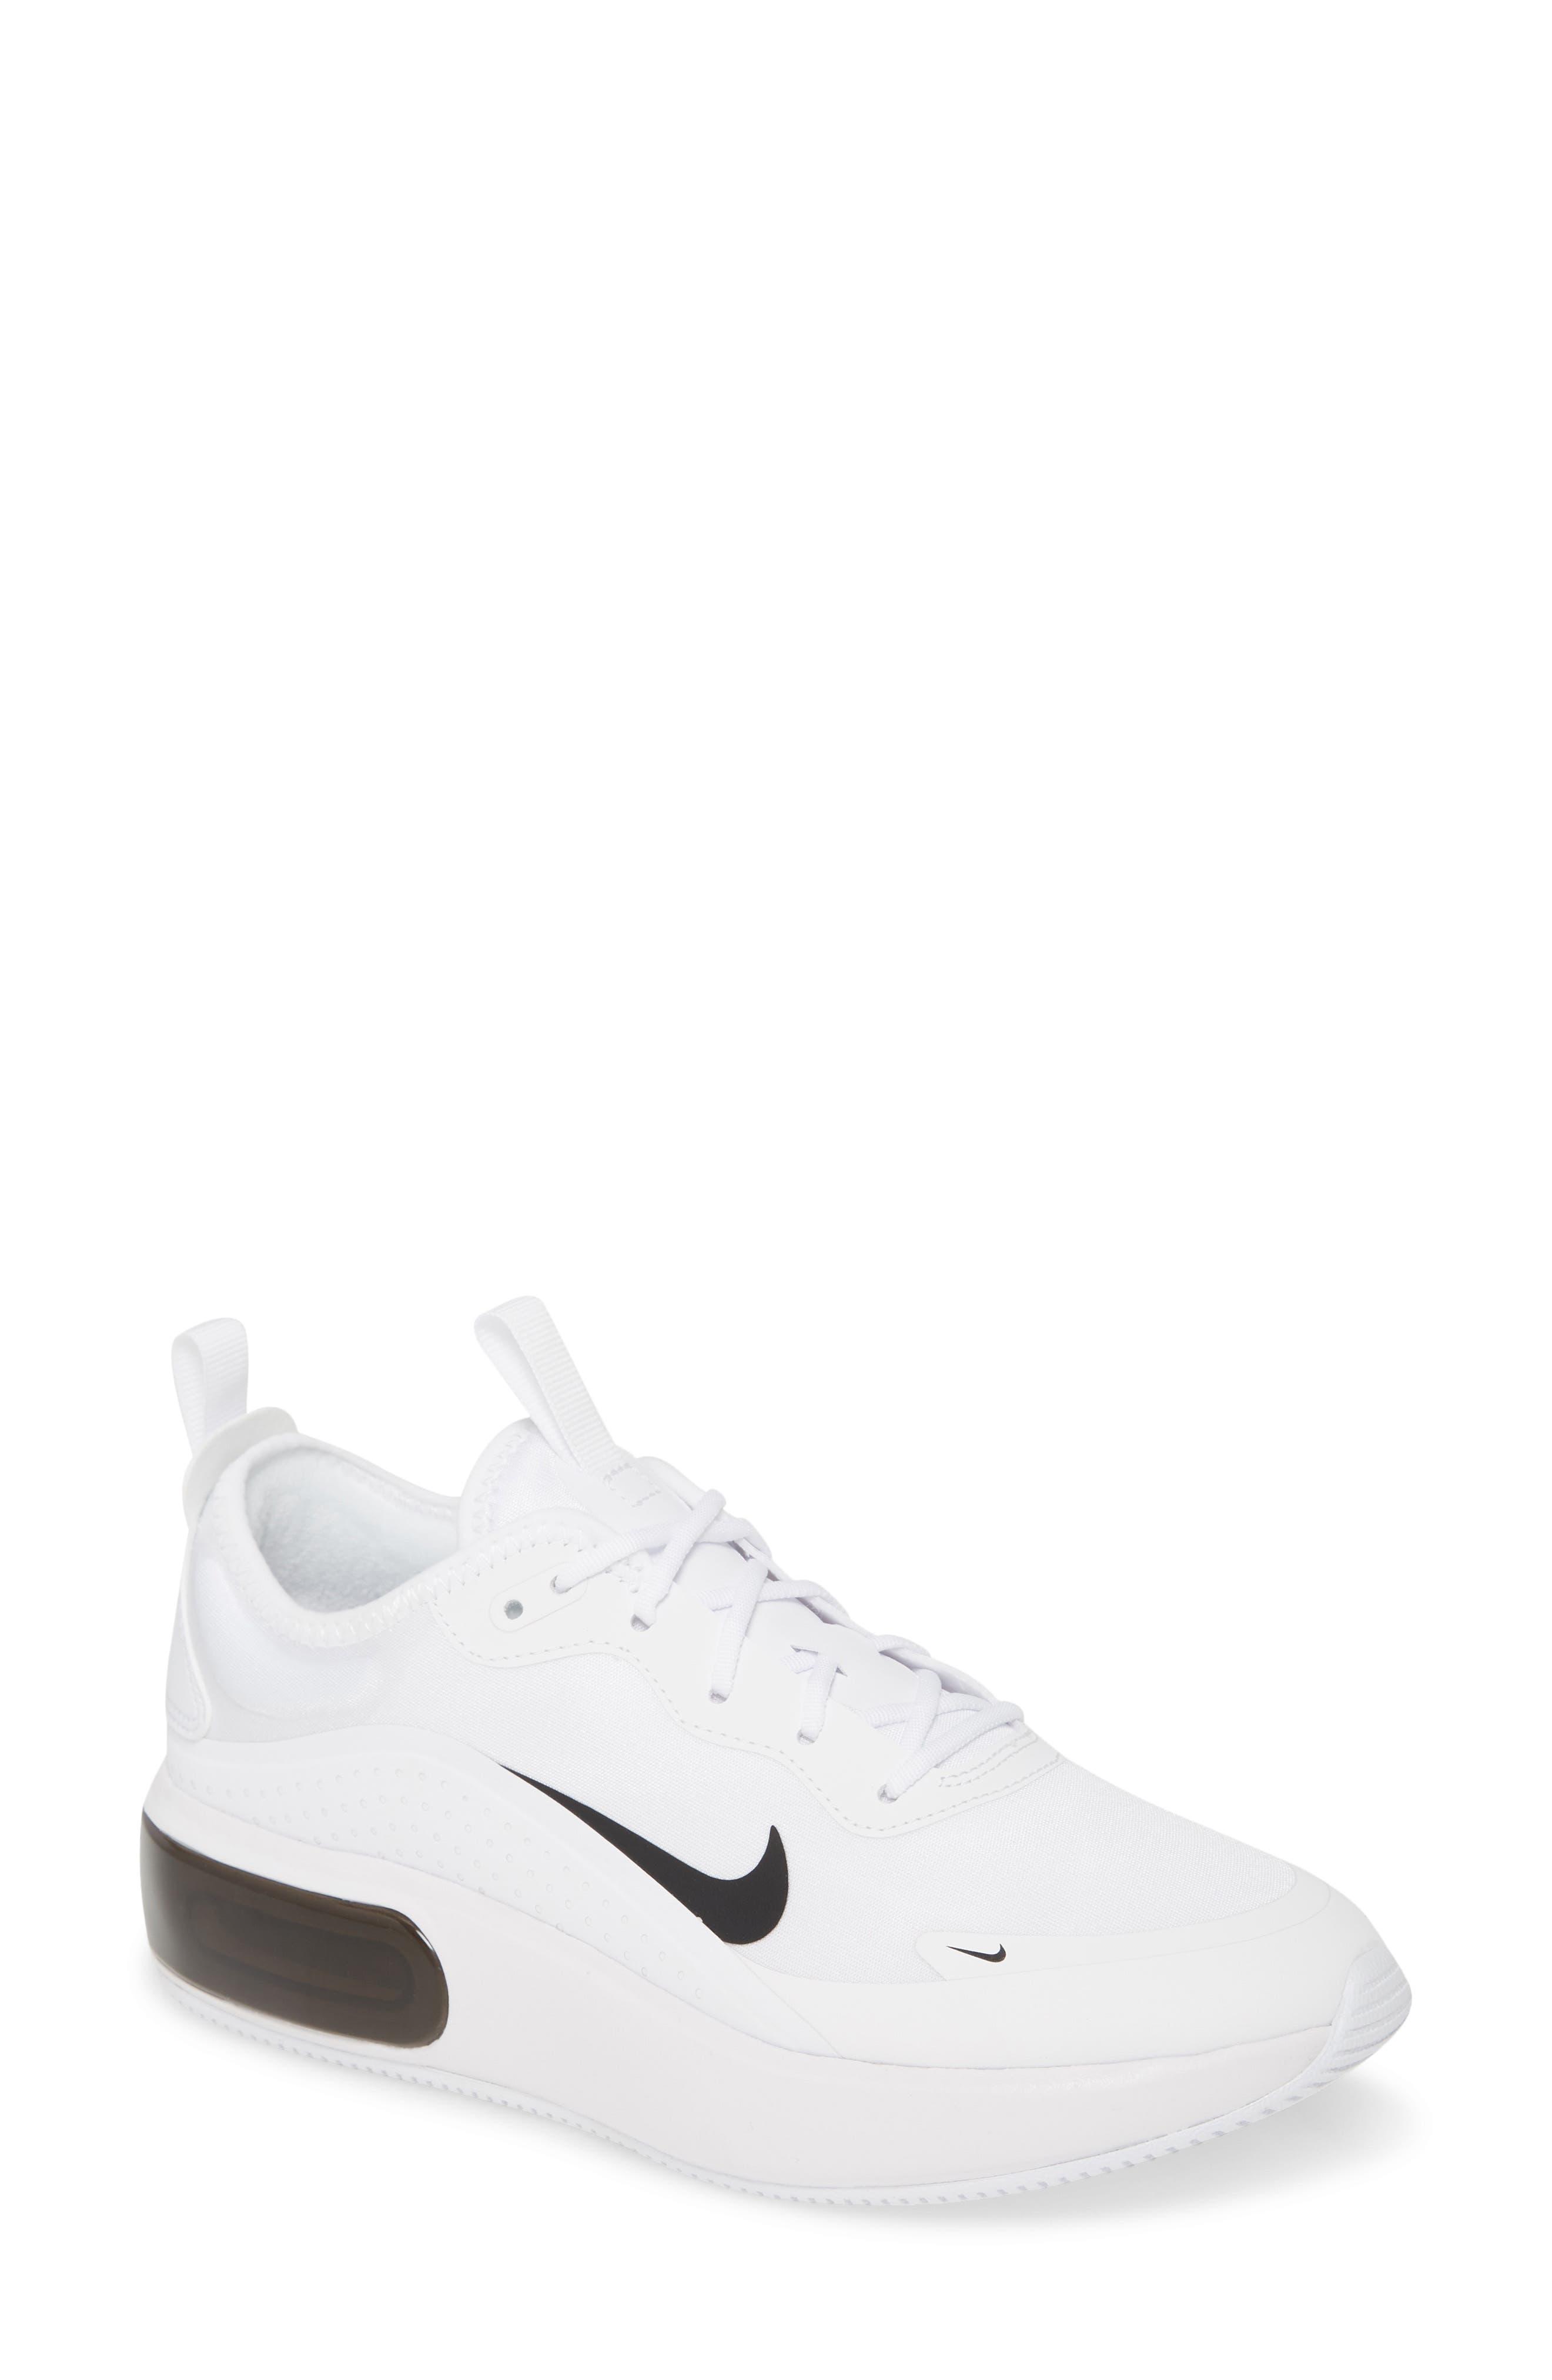 Nike Air Max Dia Sneaker (Women